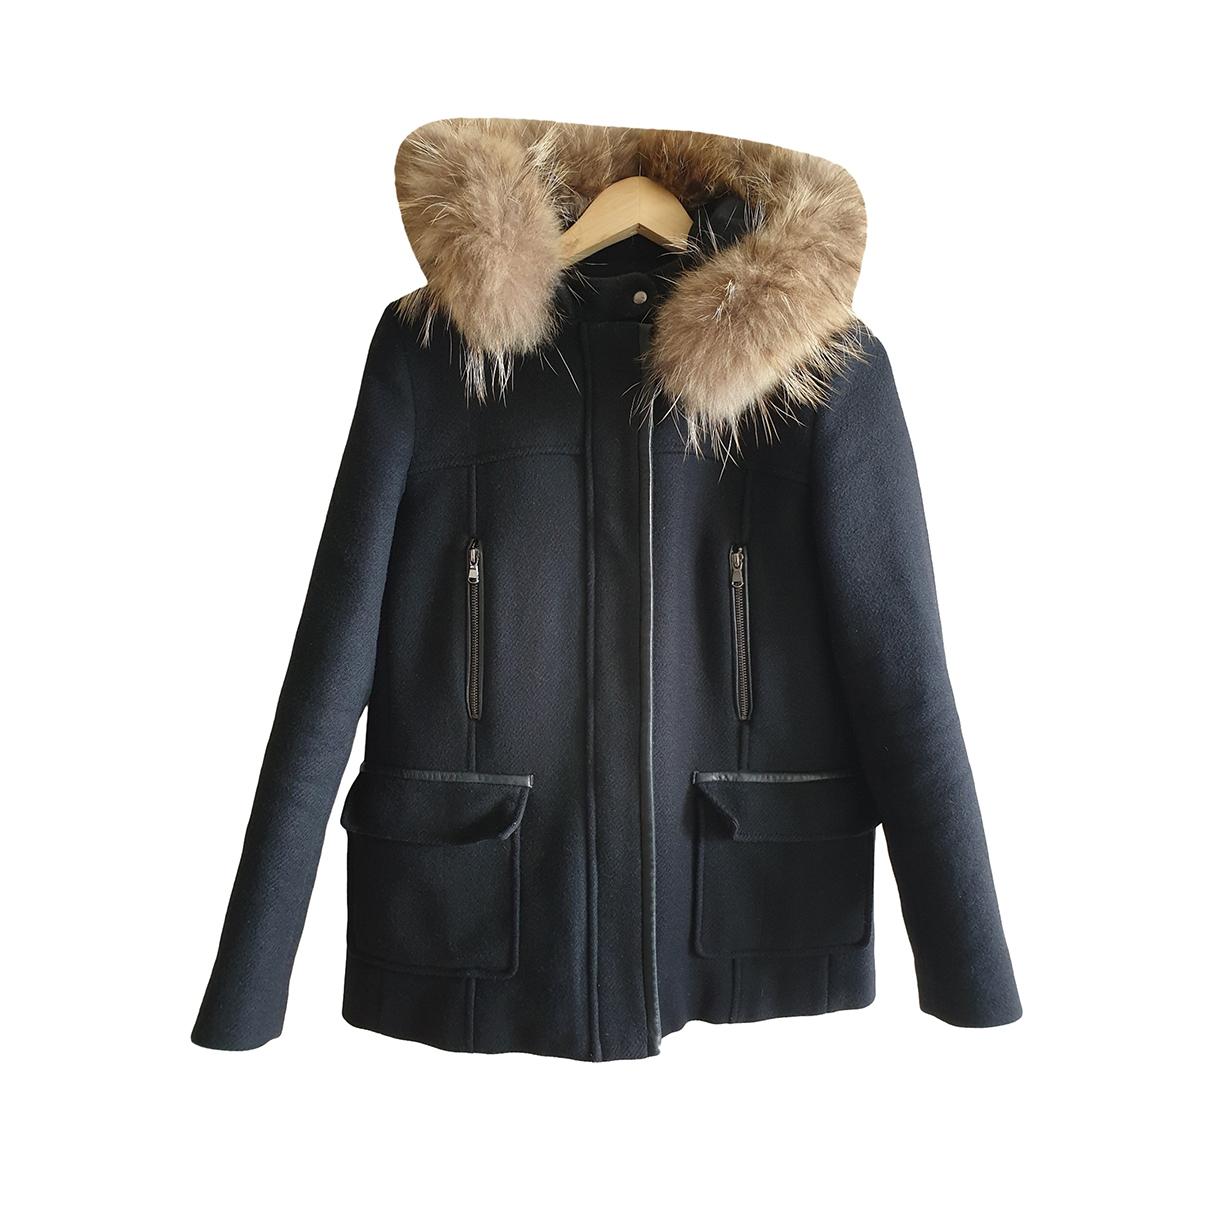 Zapa - Manteau   pour femme en laine - noir